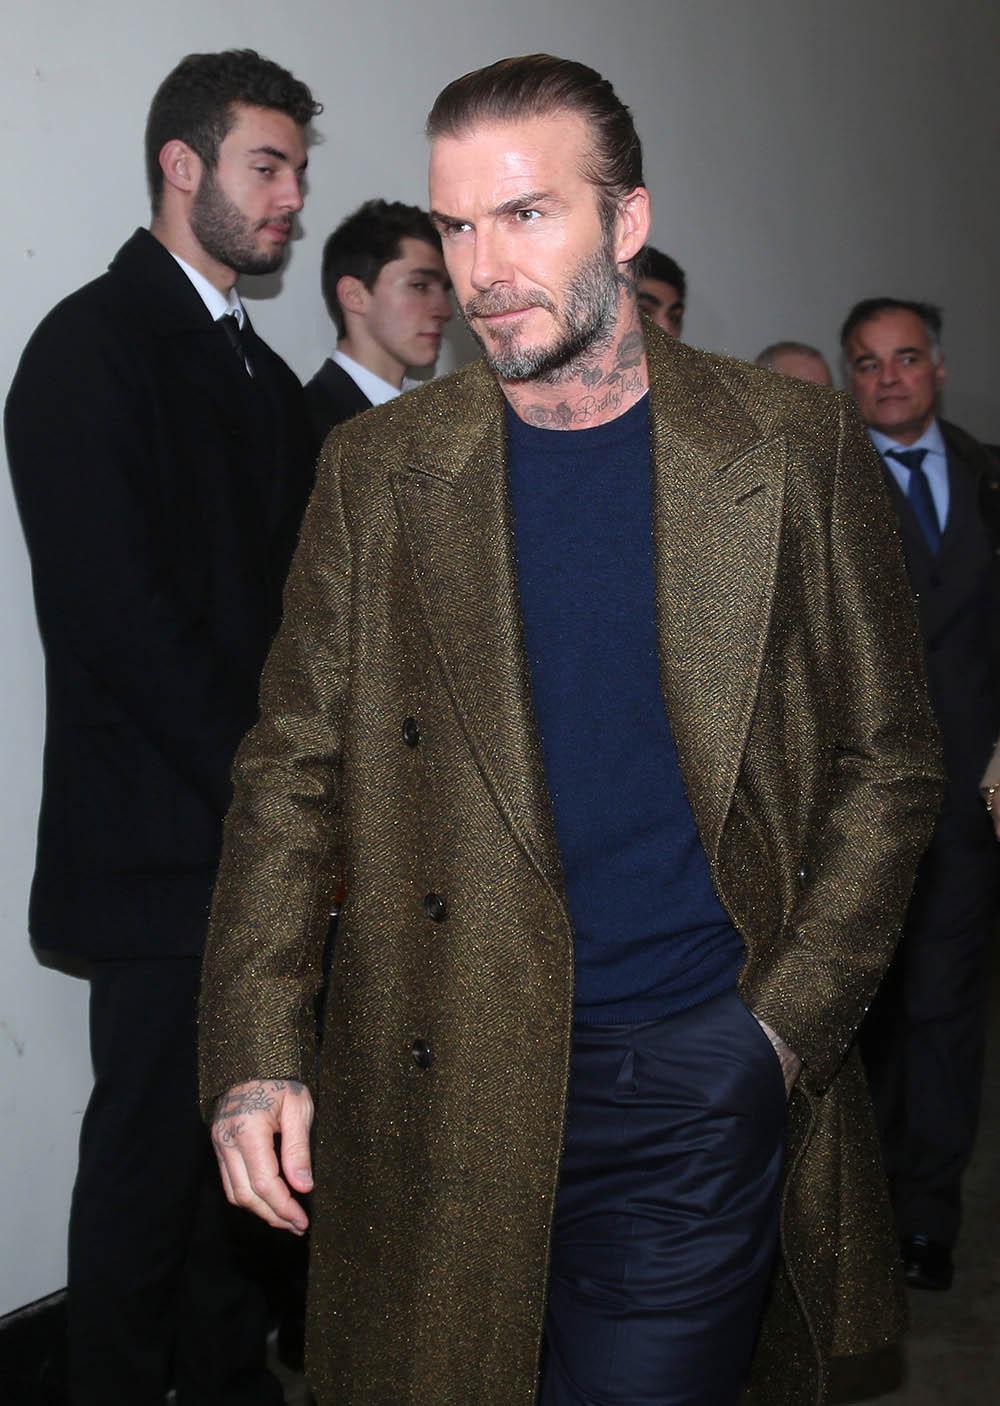 David Beckham Attends The Louis Vuitton Menswear Fall